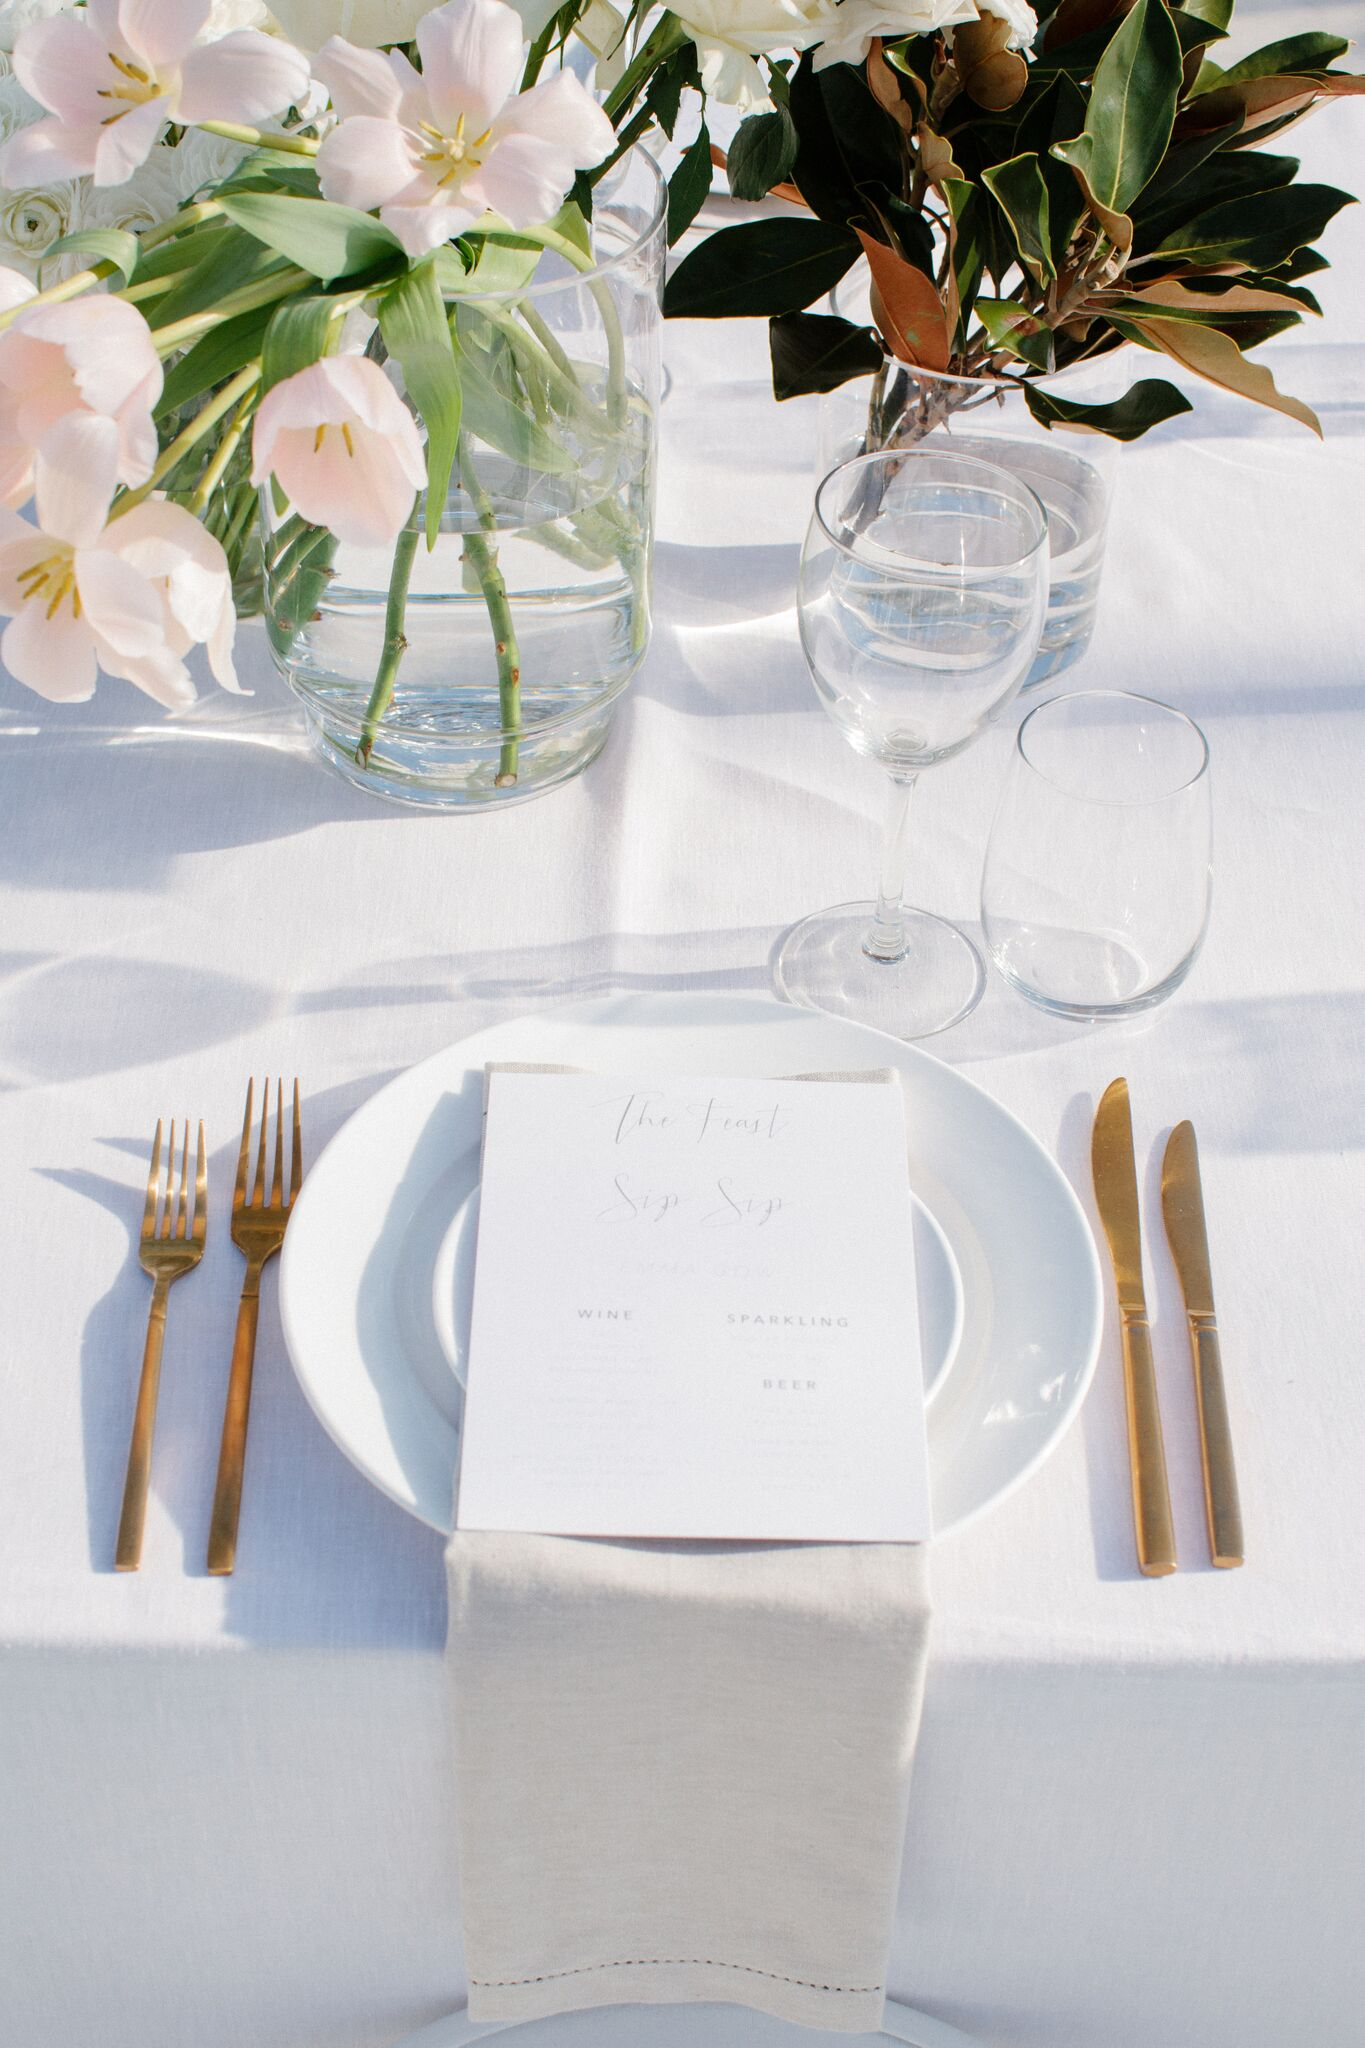 Wedding Tableware Hire Checklist - Crockery and Gold Cutlery - Image via Brooke Adams